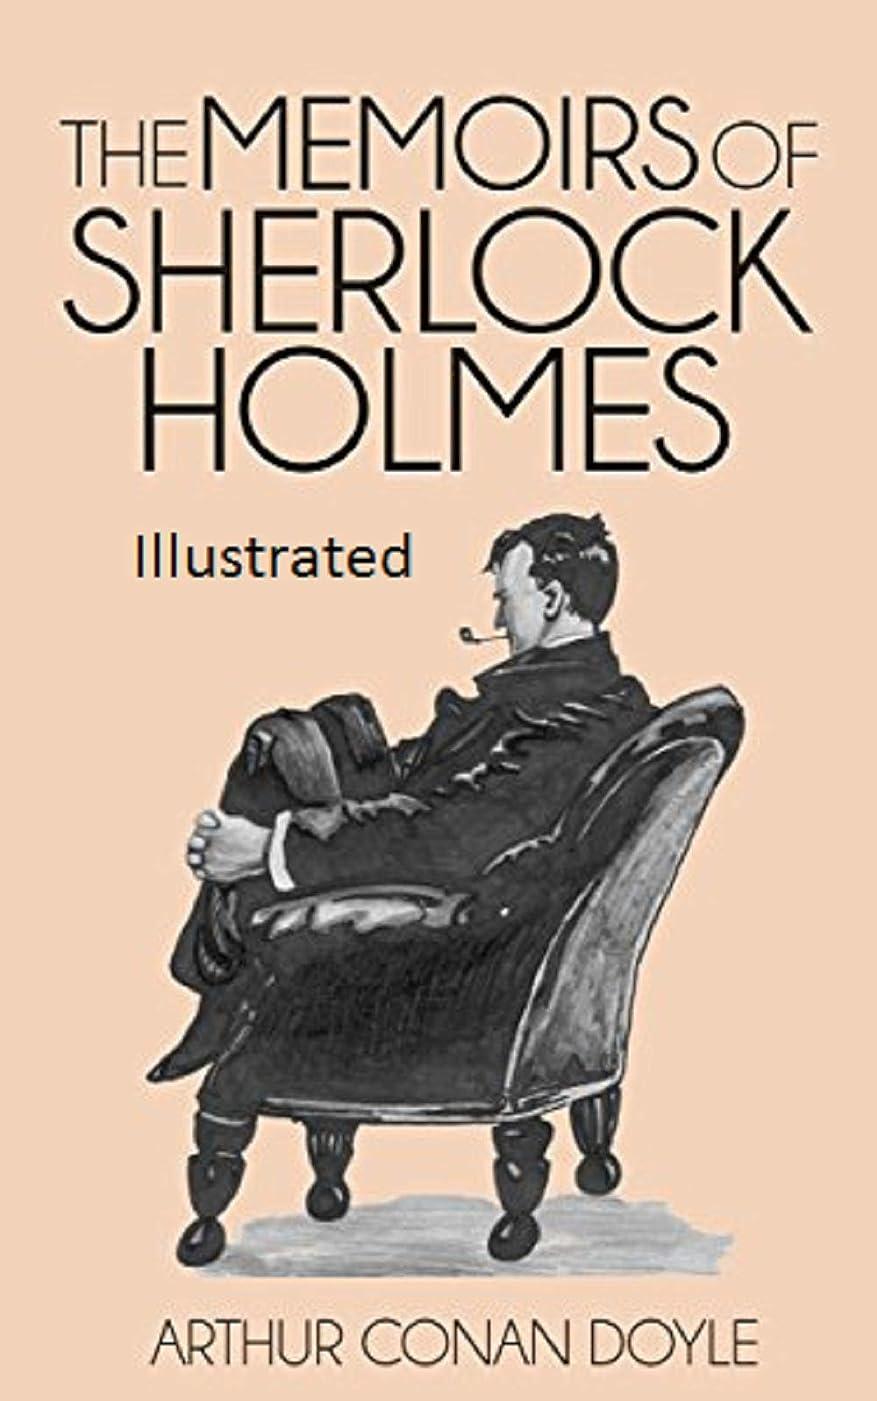 玉無傷修正するThe Memoirs of Sherlock Holmes Illustrated (English Edition)